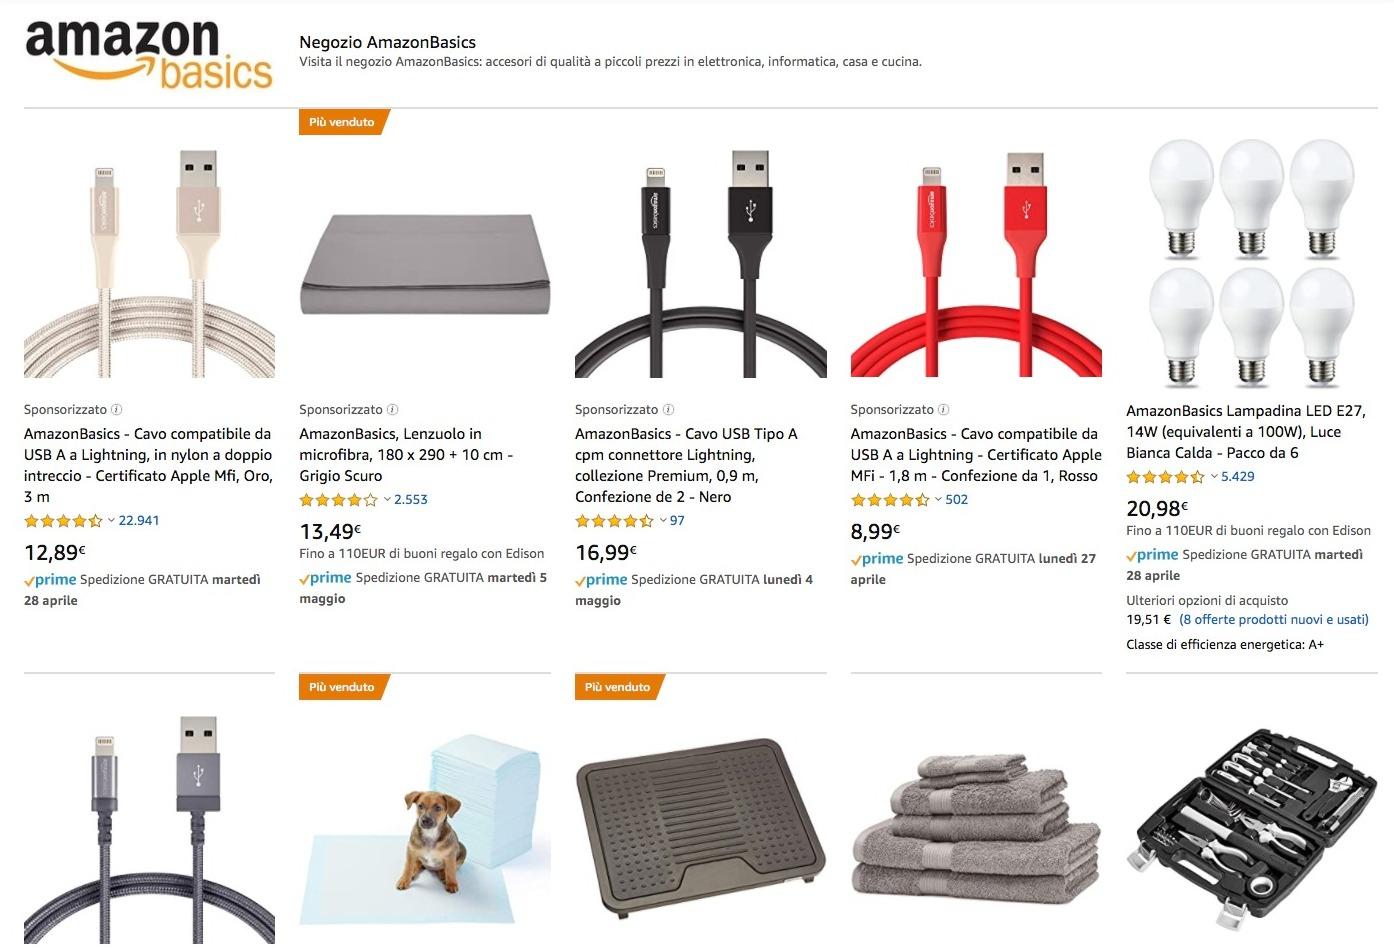 """Amazon ha """"rubato"""" i dati di vendita dei venditori per sviluppare i suoi prodotti?"""